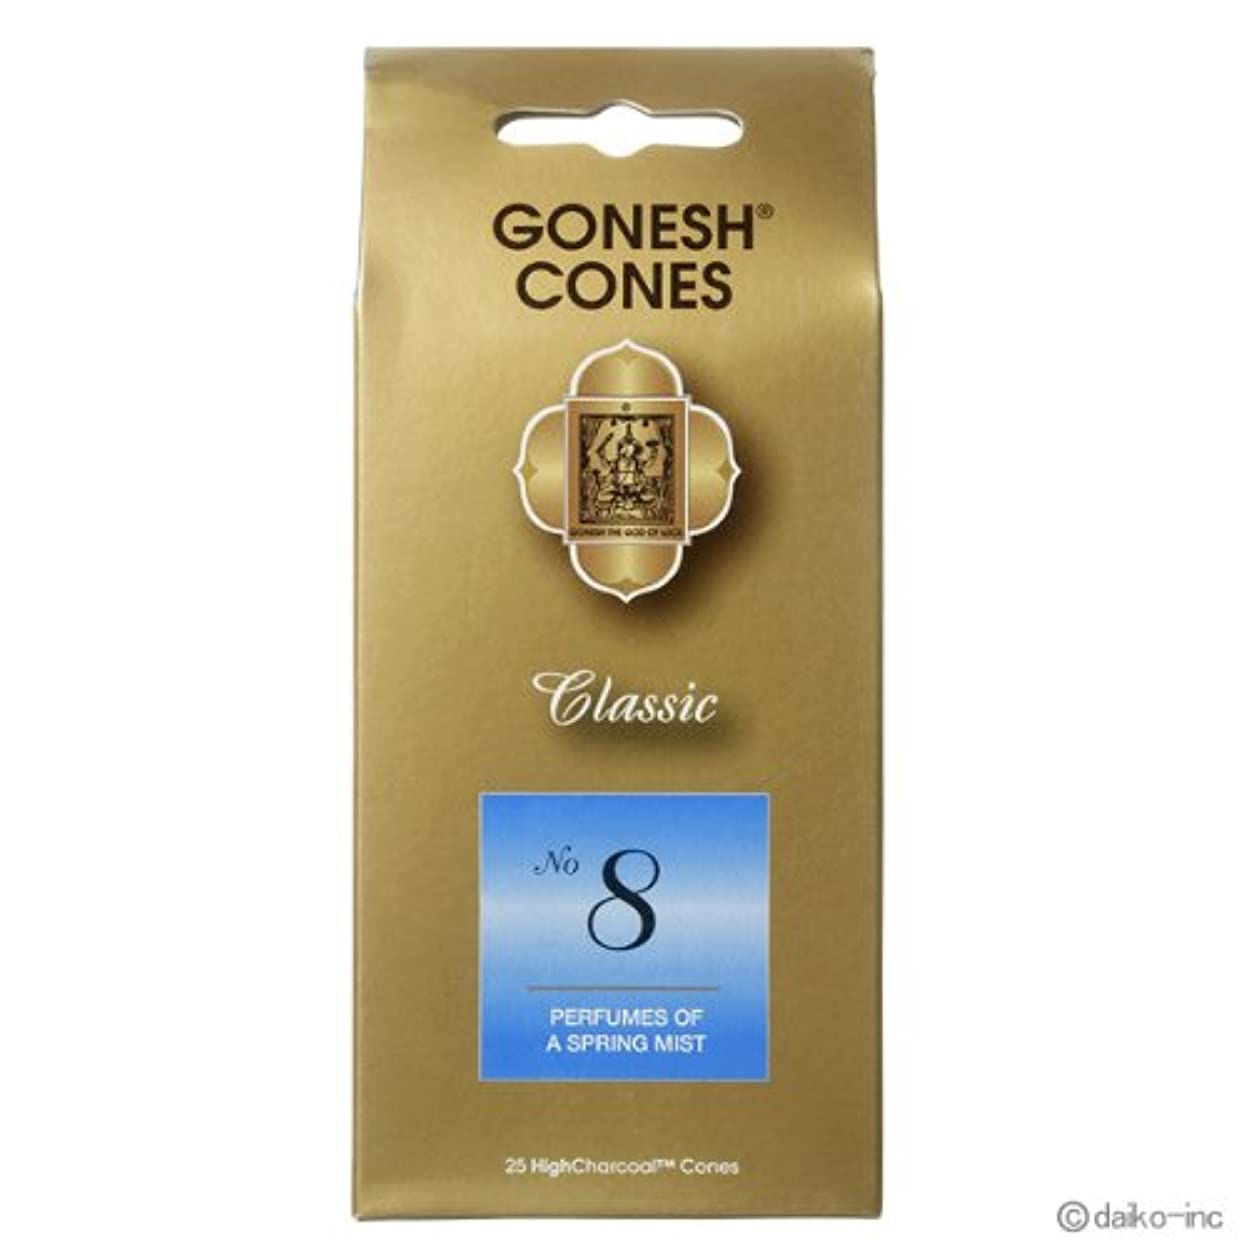 回復粘性のあなたが良くなりますガーネッシュ GONESH クラシック No.8 お香コーン25ヶ入 6個セット